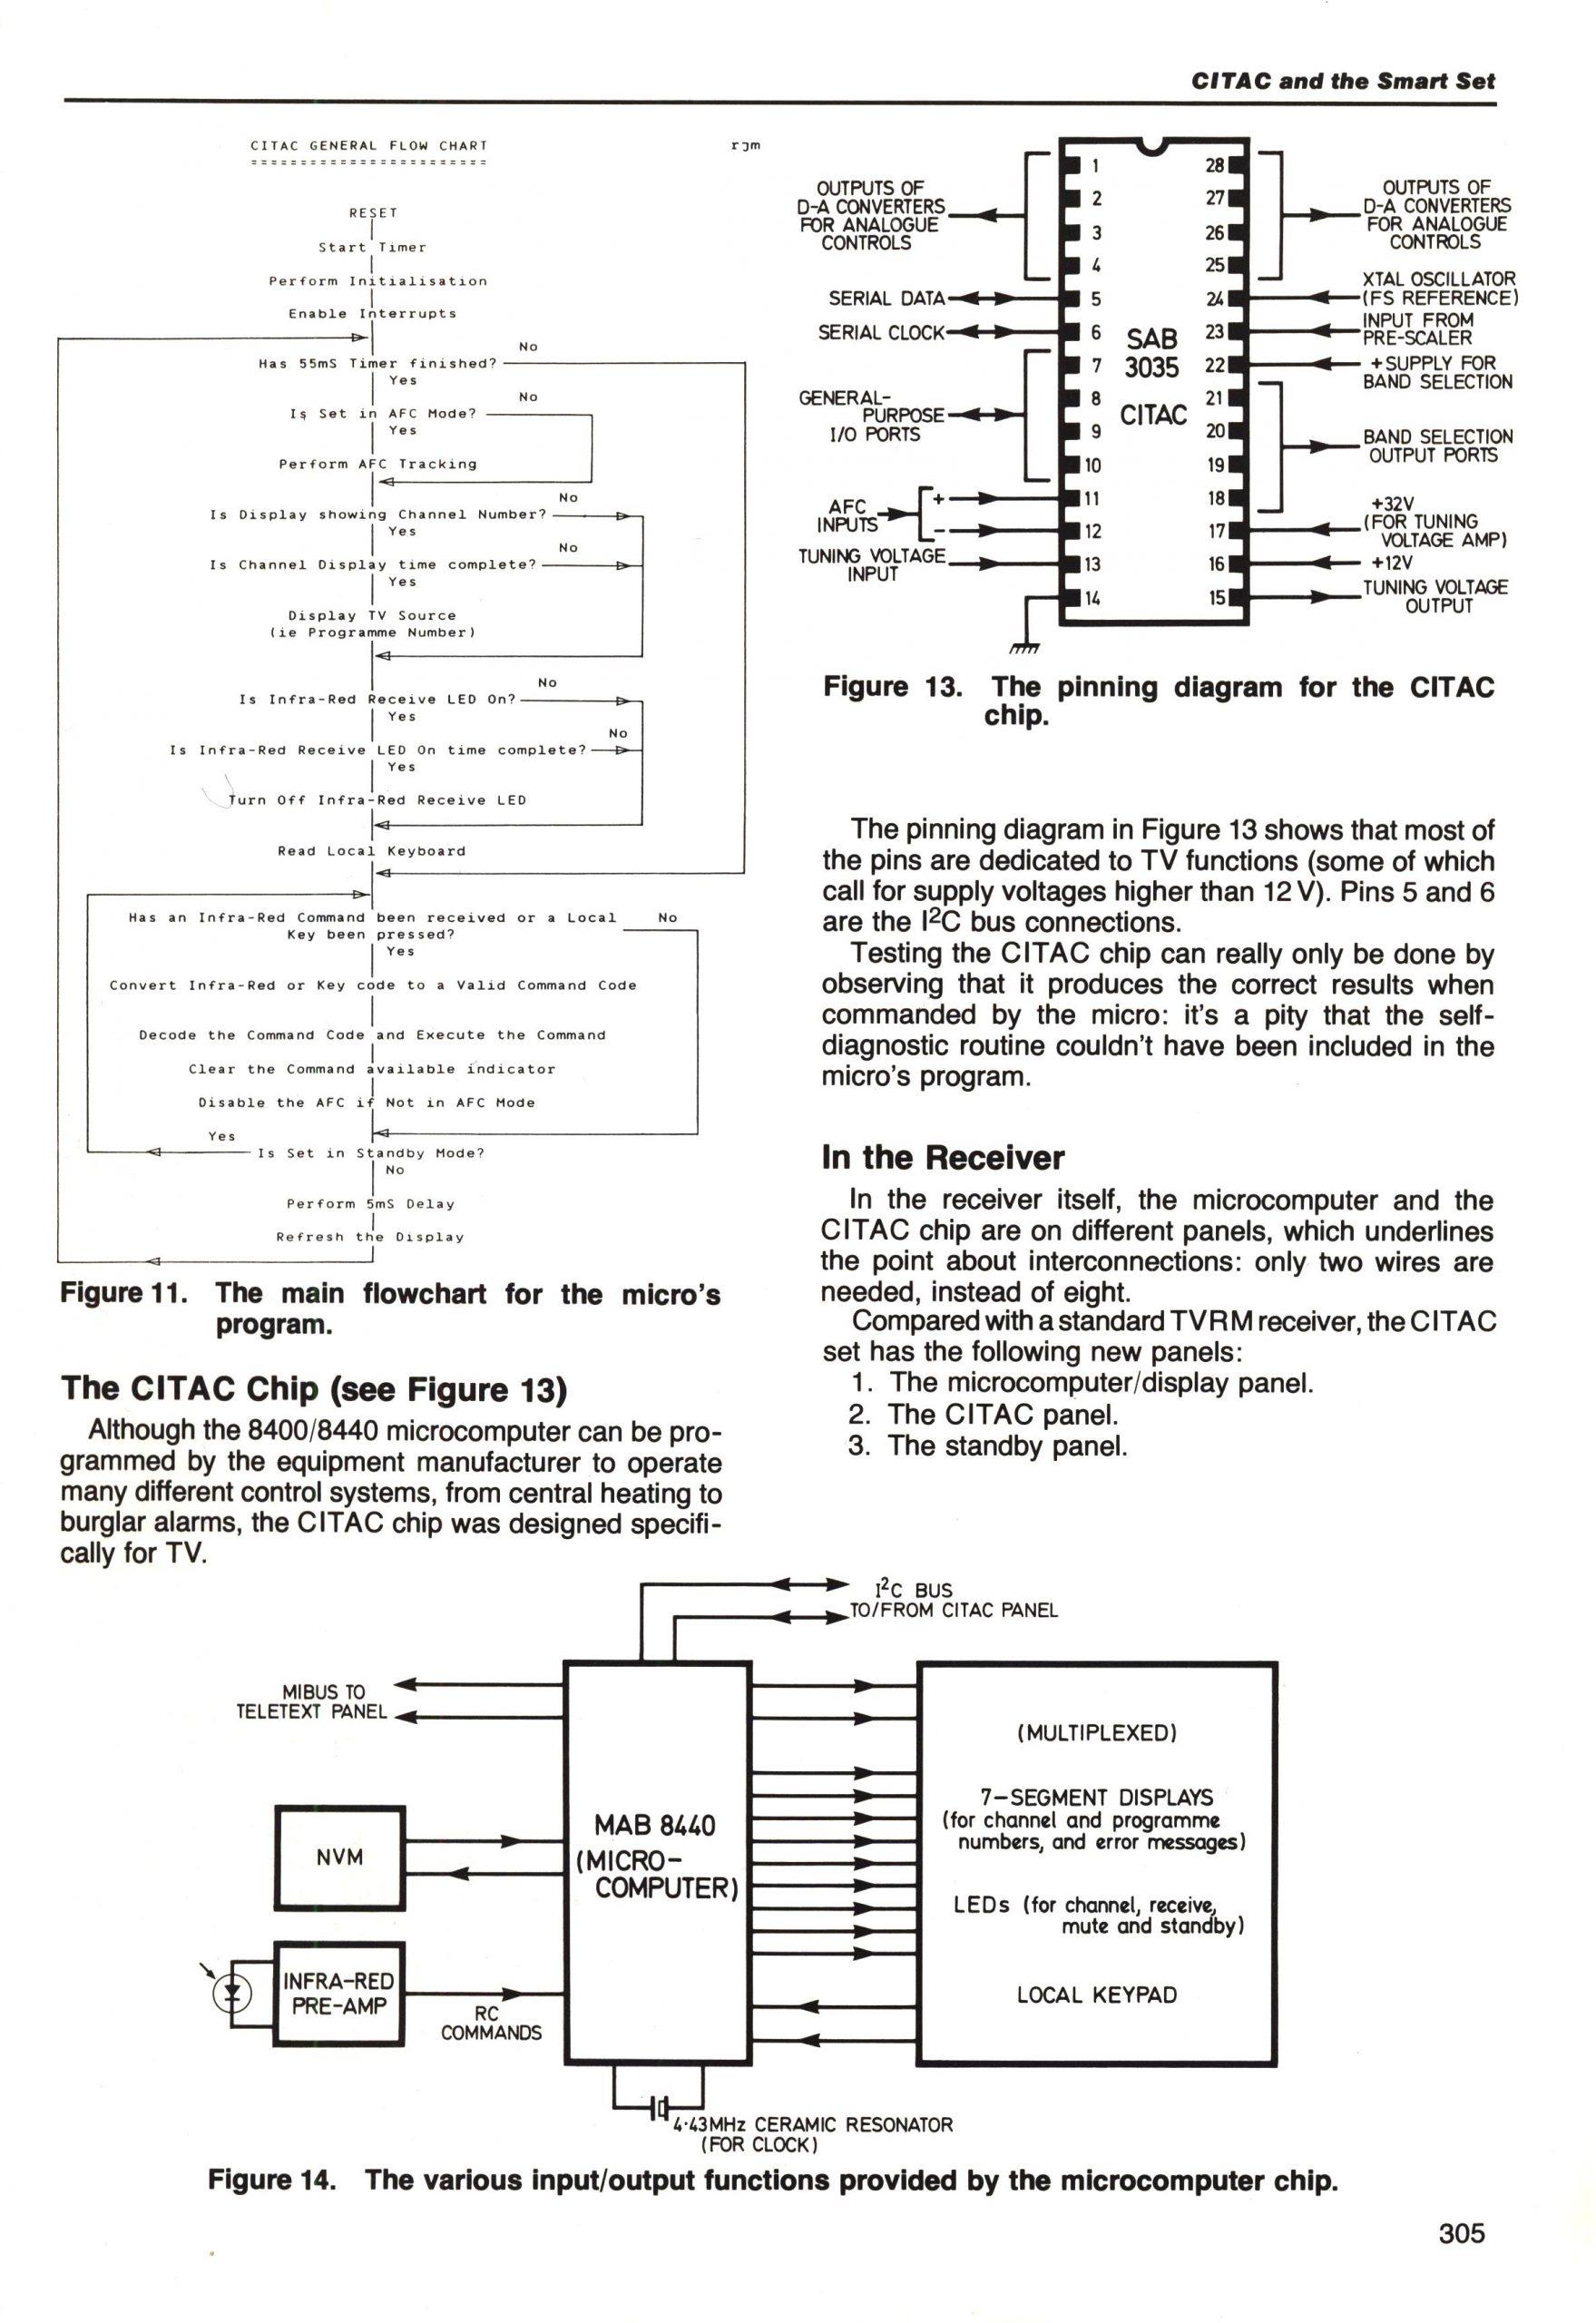 Rediffusion CITAC (MK4A) 26